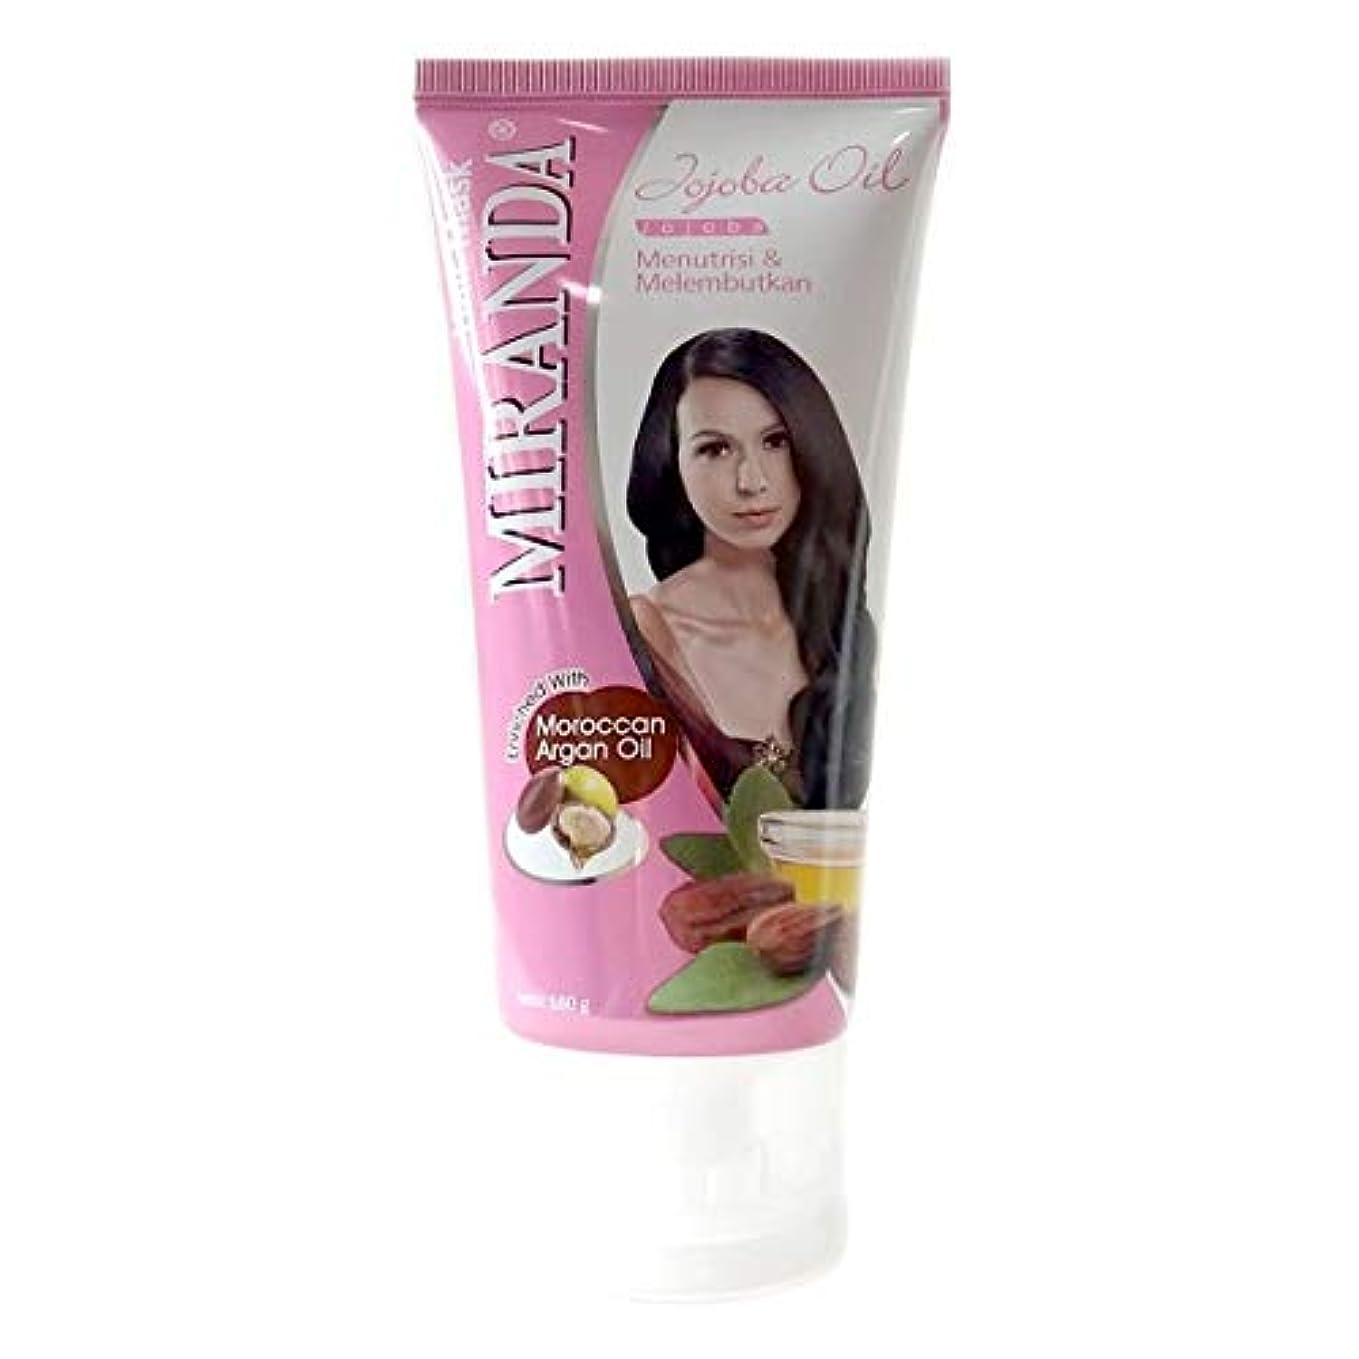 味わうモッキンバード愛撫MIRANDA ミランダ Hair Mask ヘアマスク モロッカンアルガンオイル主成分のヘアトリートメント 160g Jojoba oil ホホバオイル [海外直送品]